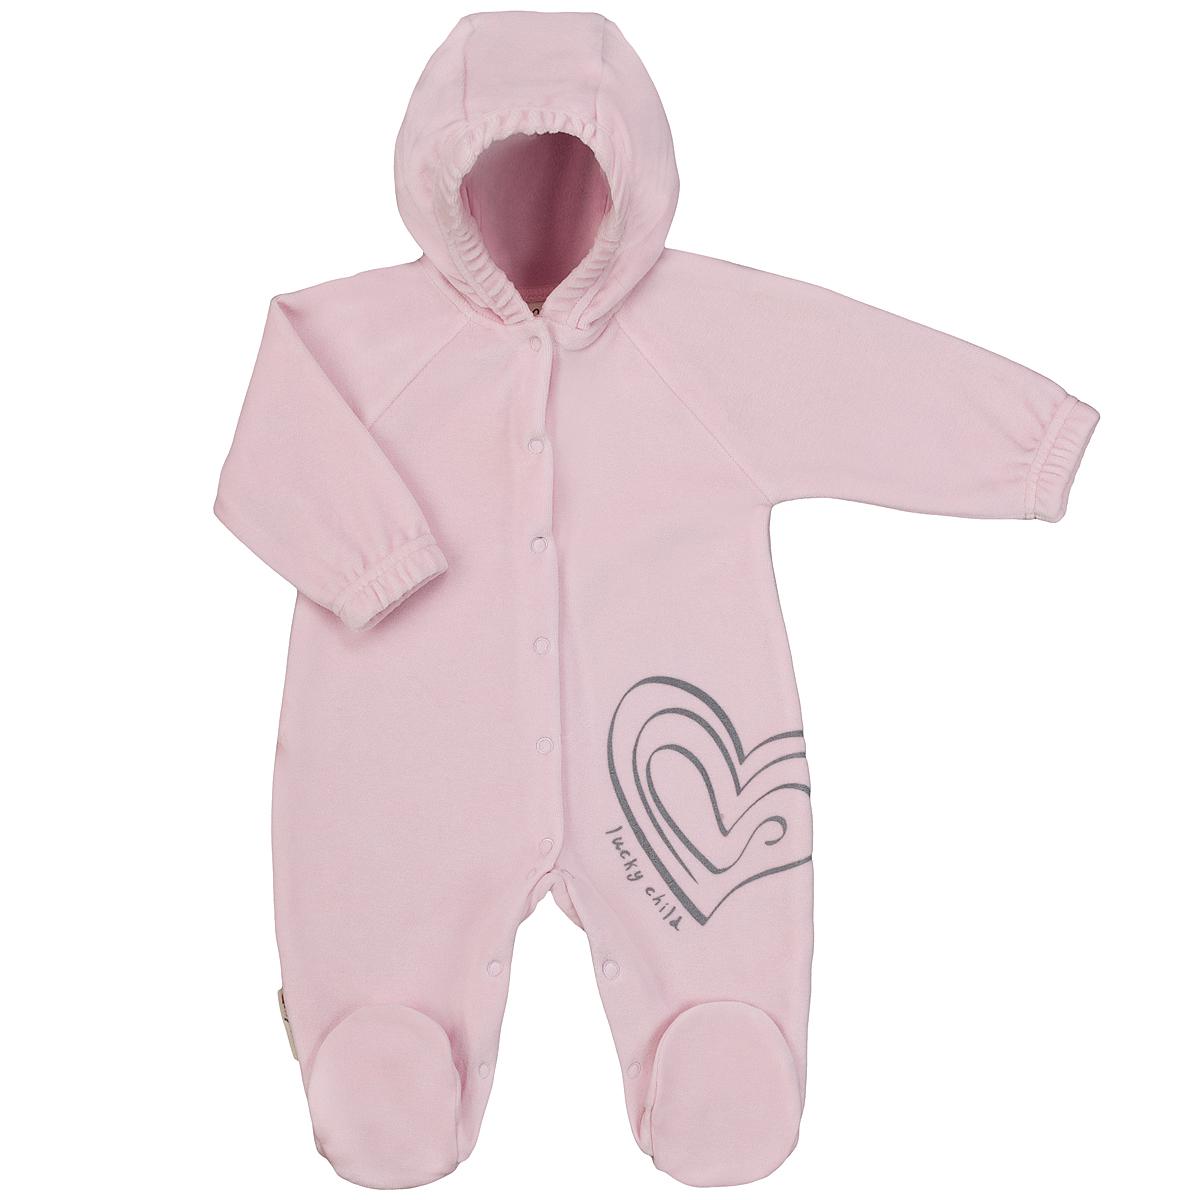 Комбинезон для девочки. 2-212-21Детский комбинезон с капюшоном для девочки Lucky Child - очень удобный и практичный вид одежды для малышей. Комбинезон выполнен из велюра, благодаря чему он необычайно мягкий и приятный на ощупь, не раздражают нежную кожу ребенка и хорошо вентилируются, а эластичные швы приятны телу малышки и не препятствуют ее движениям. Комбинезон с длинными рукавами-реглан и закрытыми ножками имеет застежки-кнопки по центру от горловины до щиколоток, которые помогают легко переодеть младенца или сменить подгузник. Спереди он оформлен оригинальным принтом в виде сердечка. Рукава понизу дополнены неширокими эластичными манжетами, не перетягивающими запястья. С детским комбинезоном Lucky Child спинка и ножки вашей малышки всегда будут в тепле. Комбинезон полностью соответствует особенностям жизни младенца в ранний период, не стесняя и не ограничивая его в движениях!